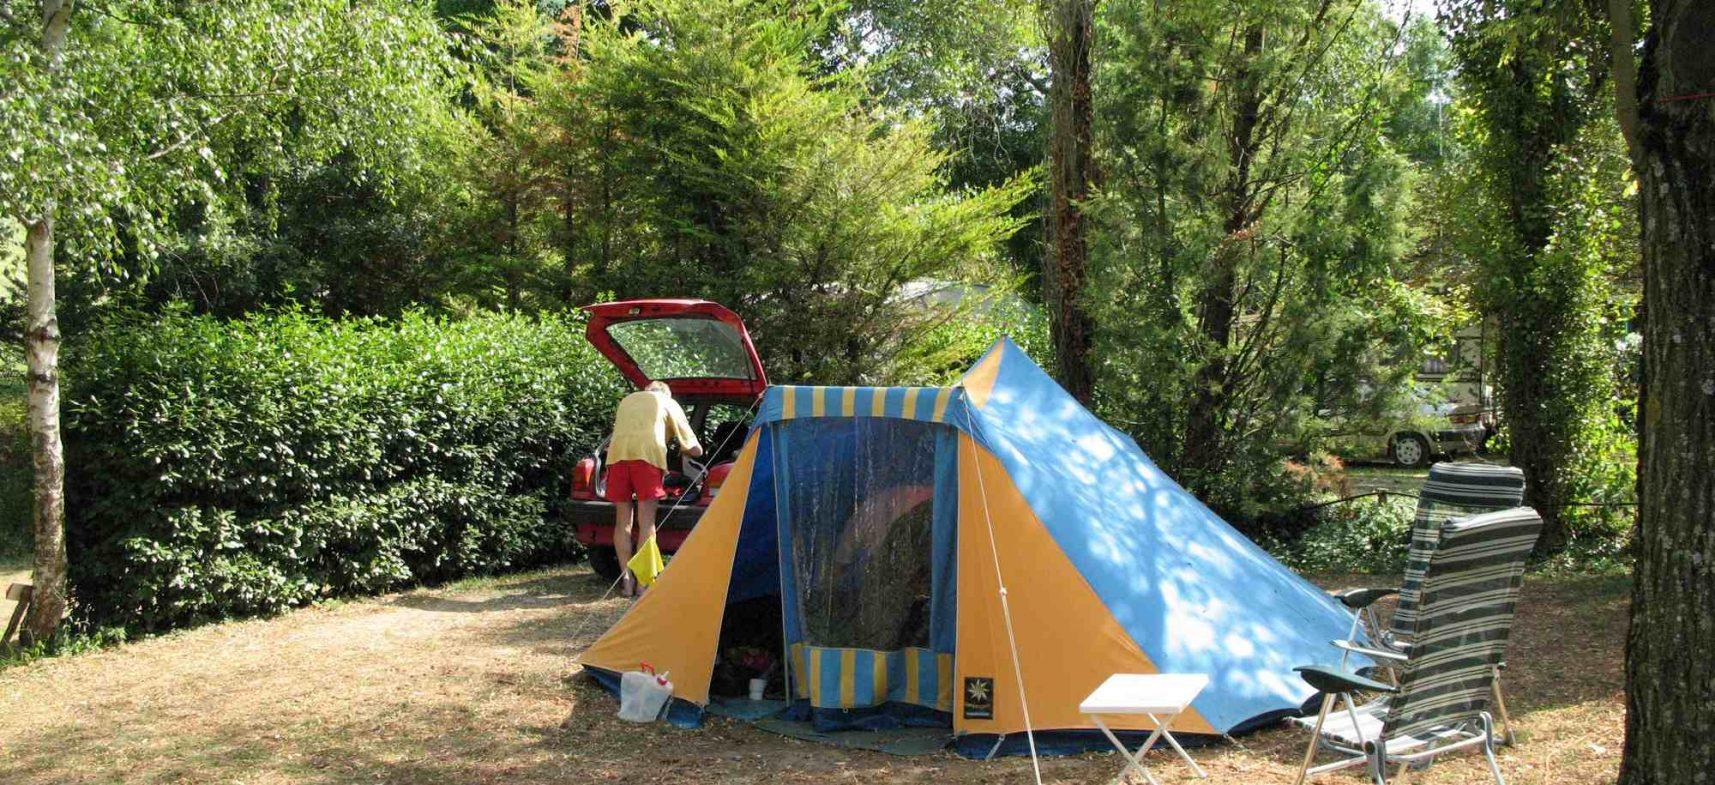 Camping La Poche : Camping en tente